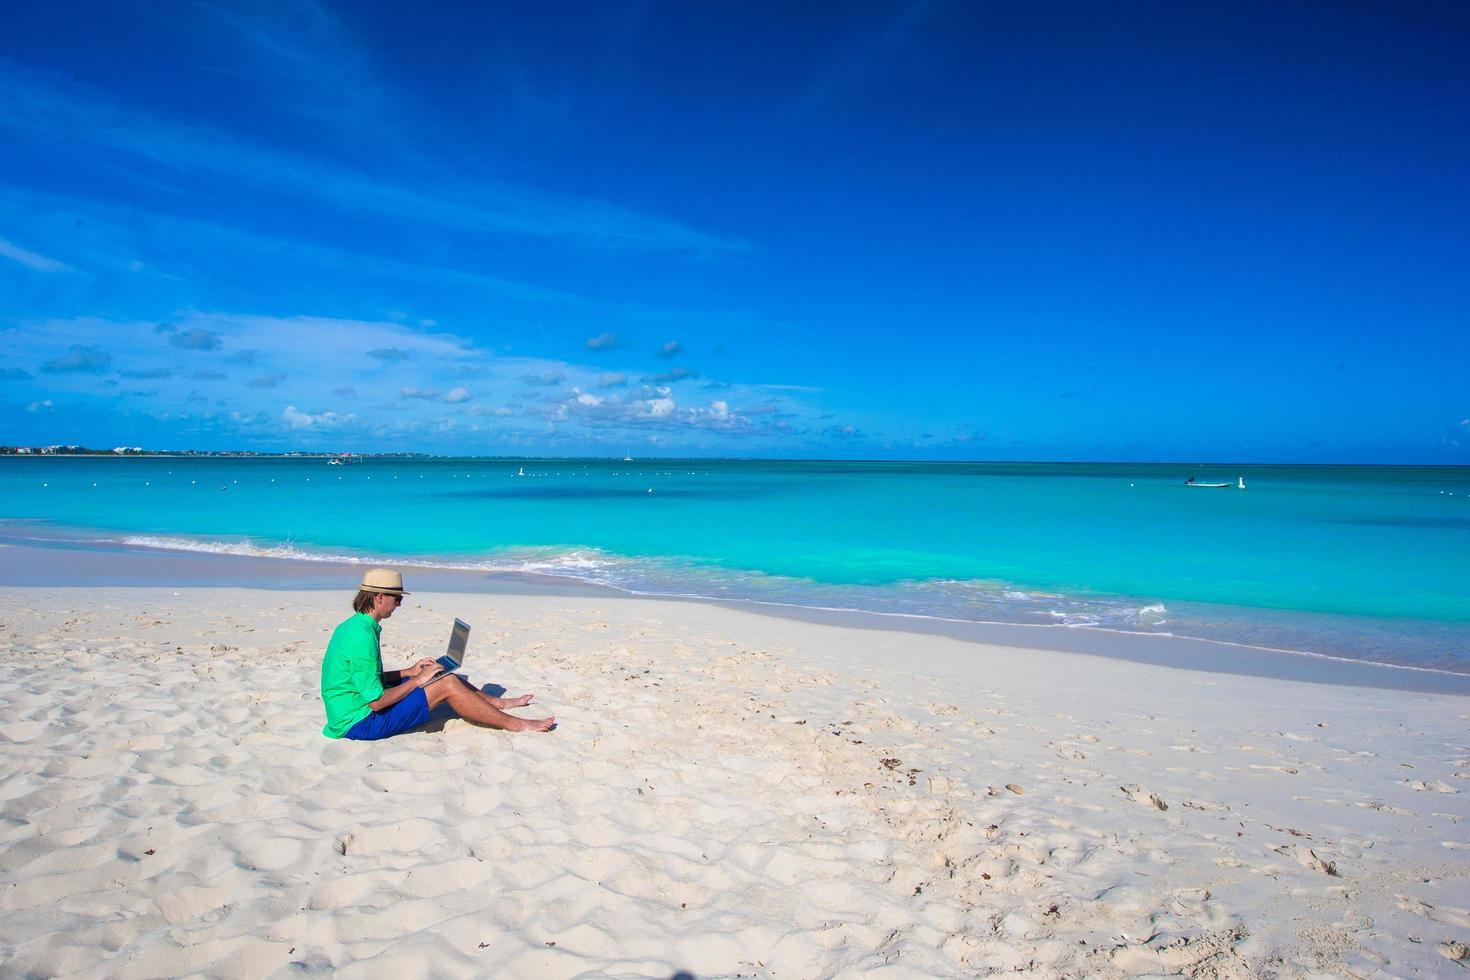 homme utilisant un ordinateur portable la plage photo